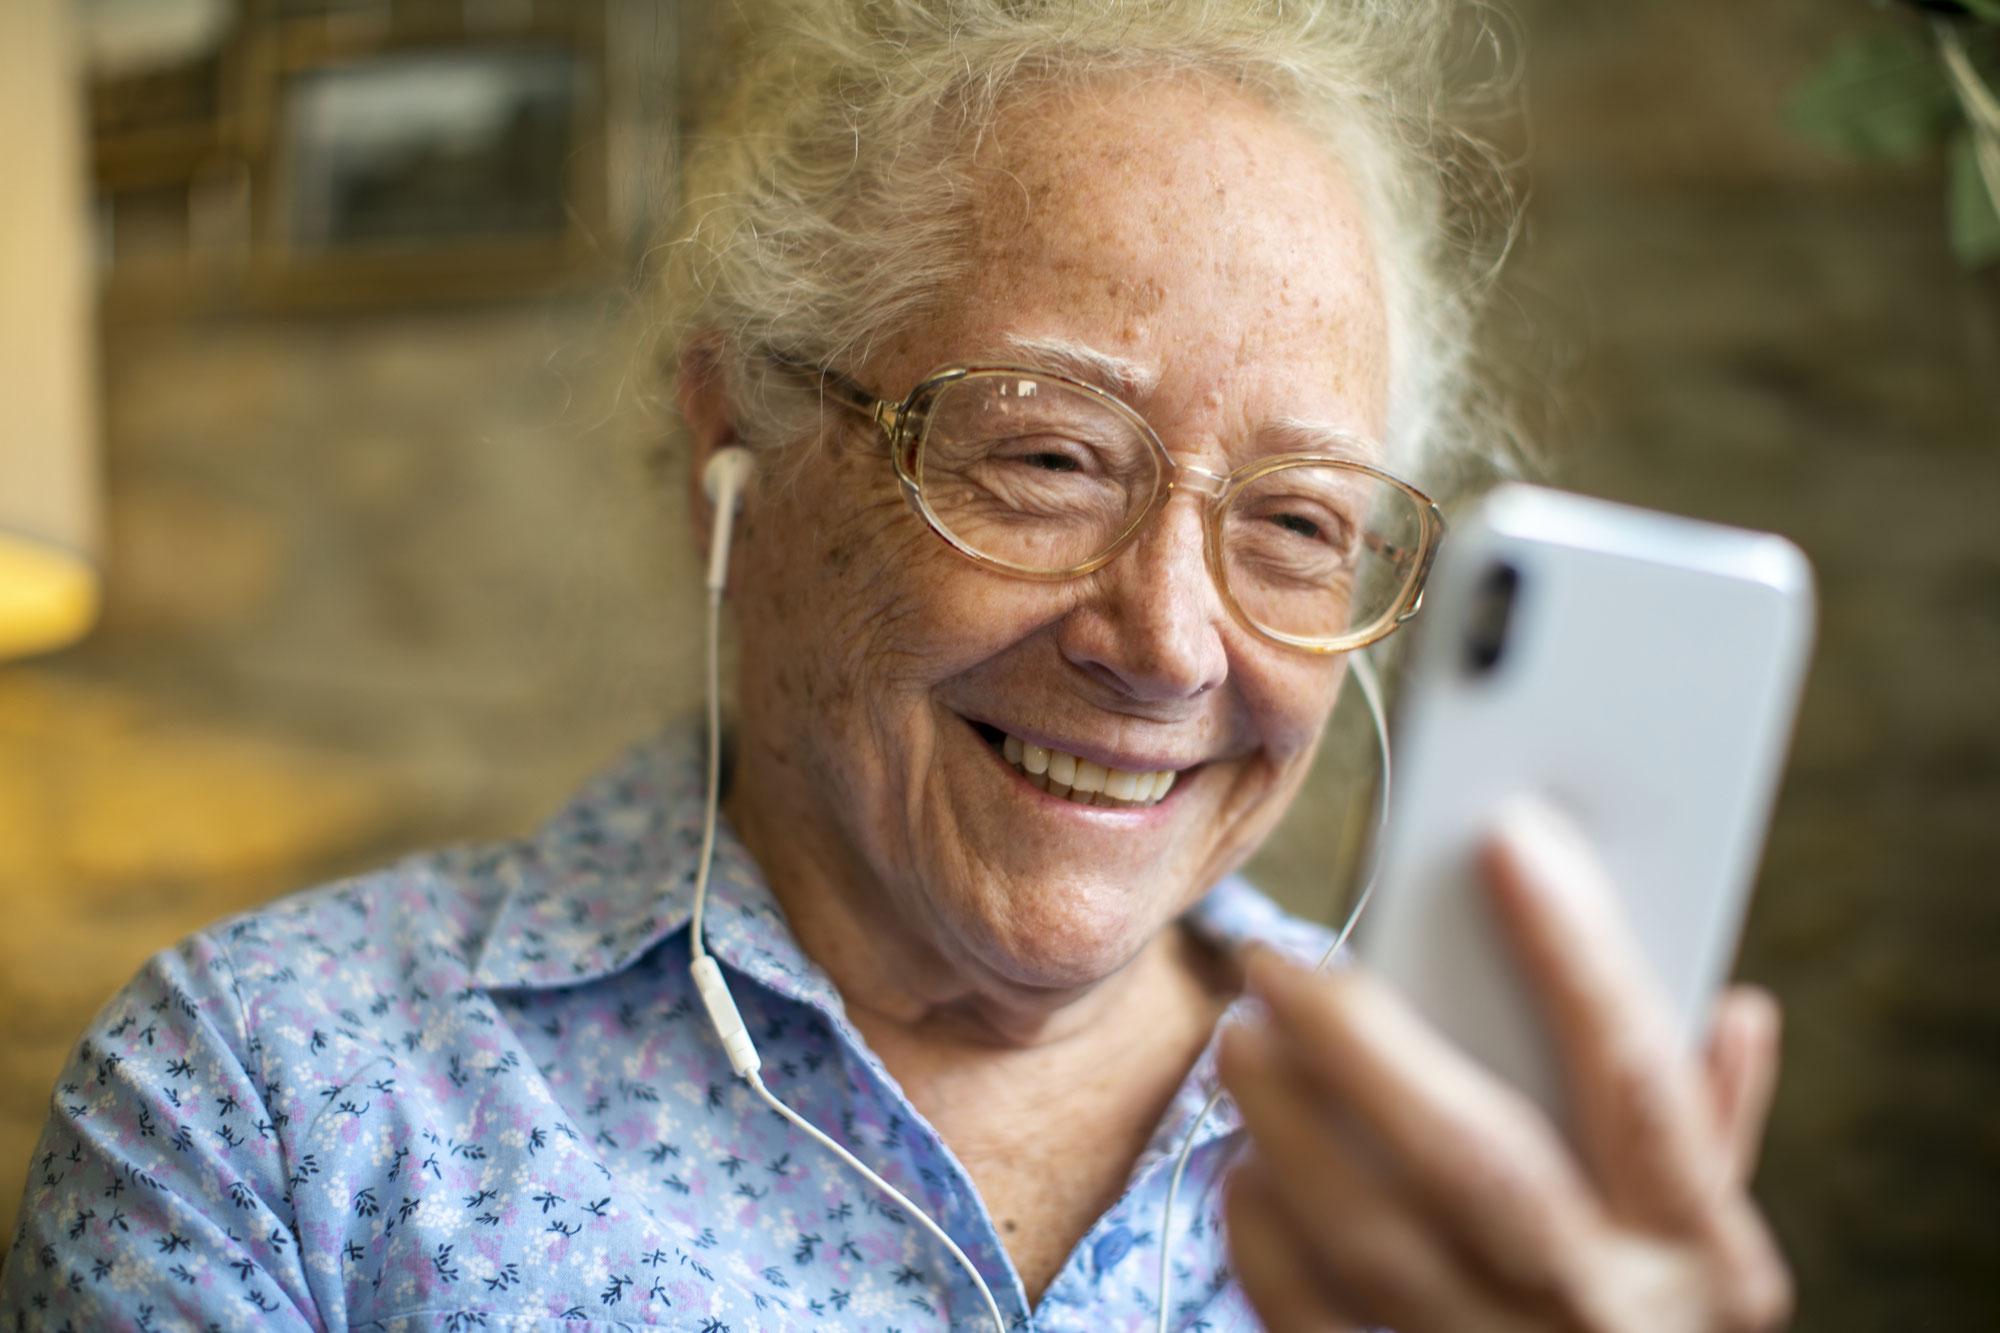 Soziale Medien gegen Einsamkeit im Alter?